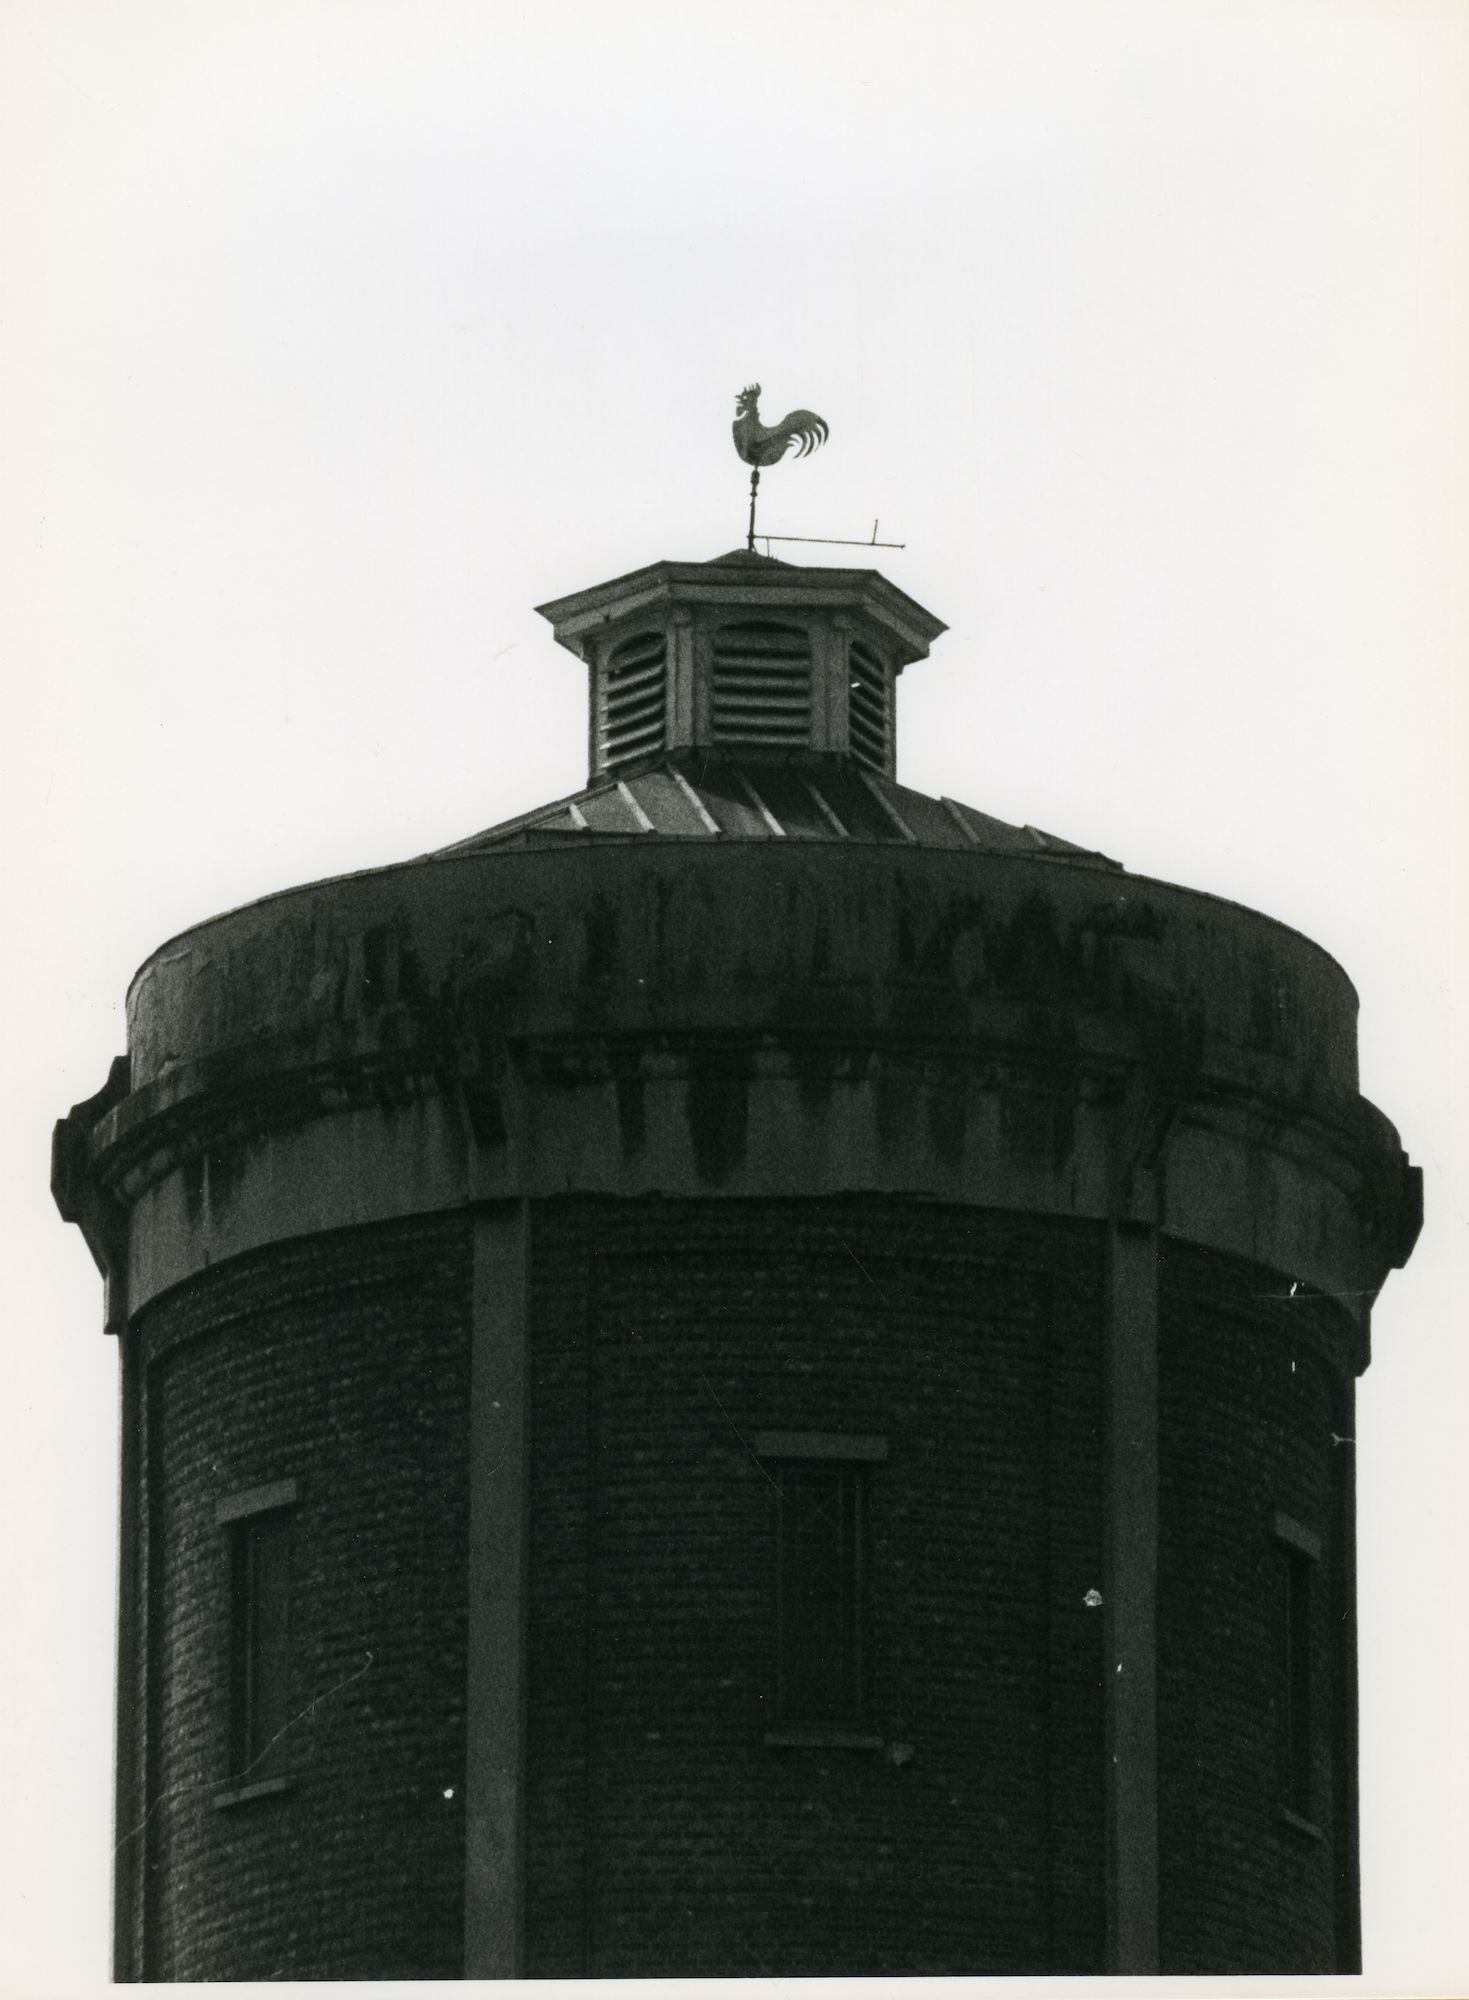 Oostakker: Gasthuisstraat: Toren, 1979